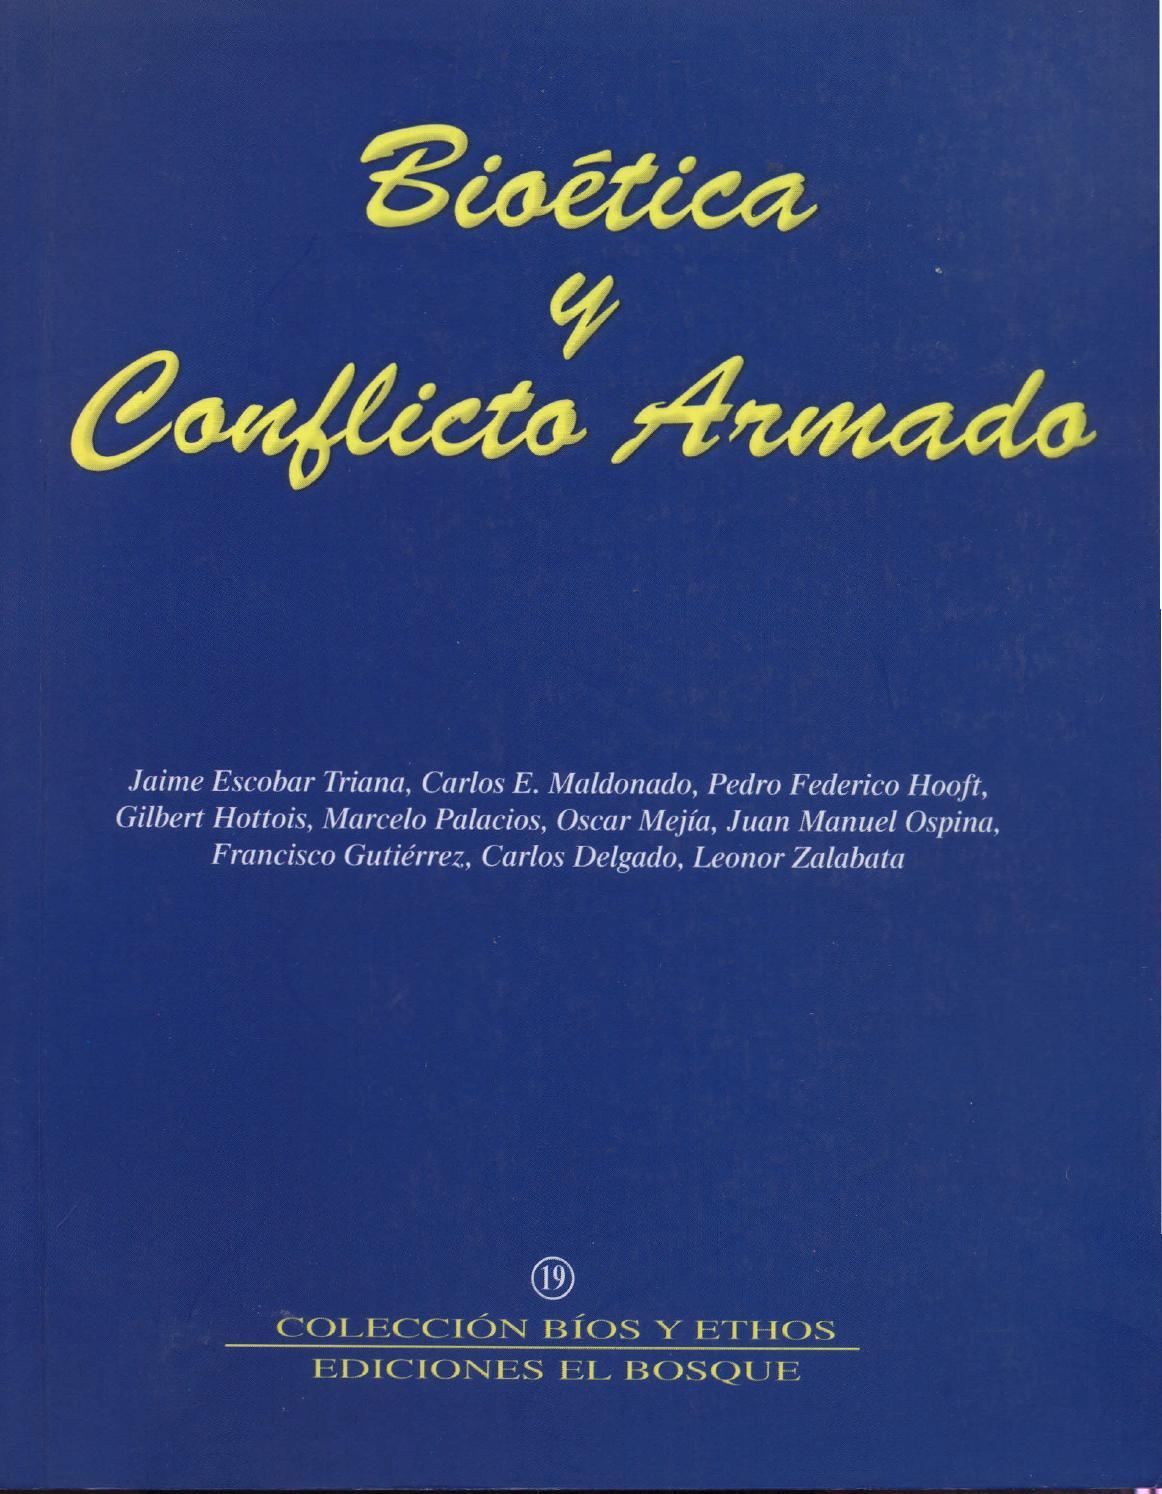 BIOÉTICA Y CONFLICTO ARMADO. volumen 19 by Universidad El Bosque - issuu